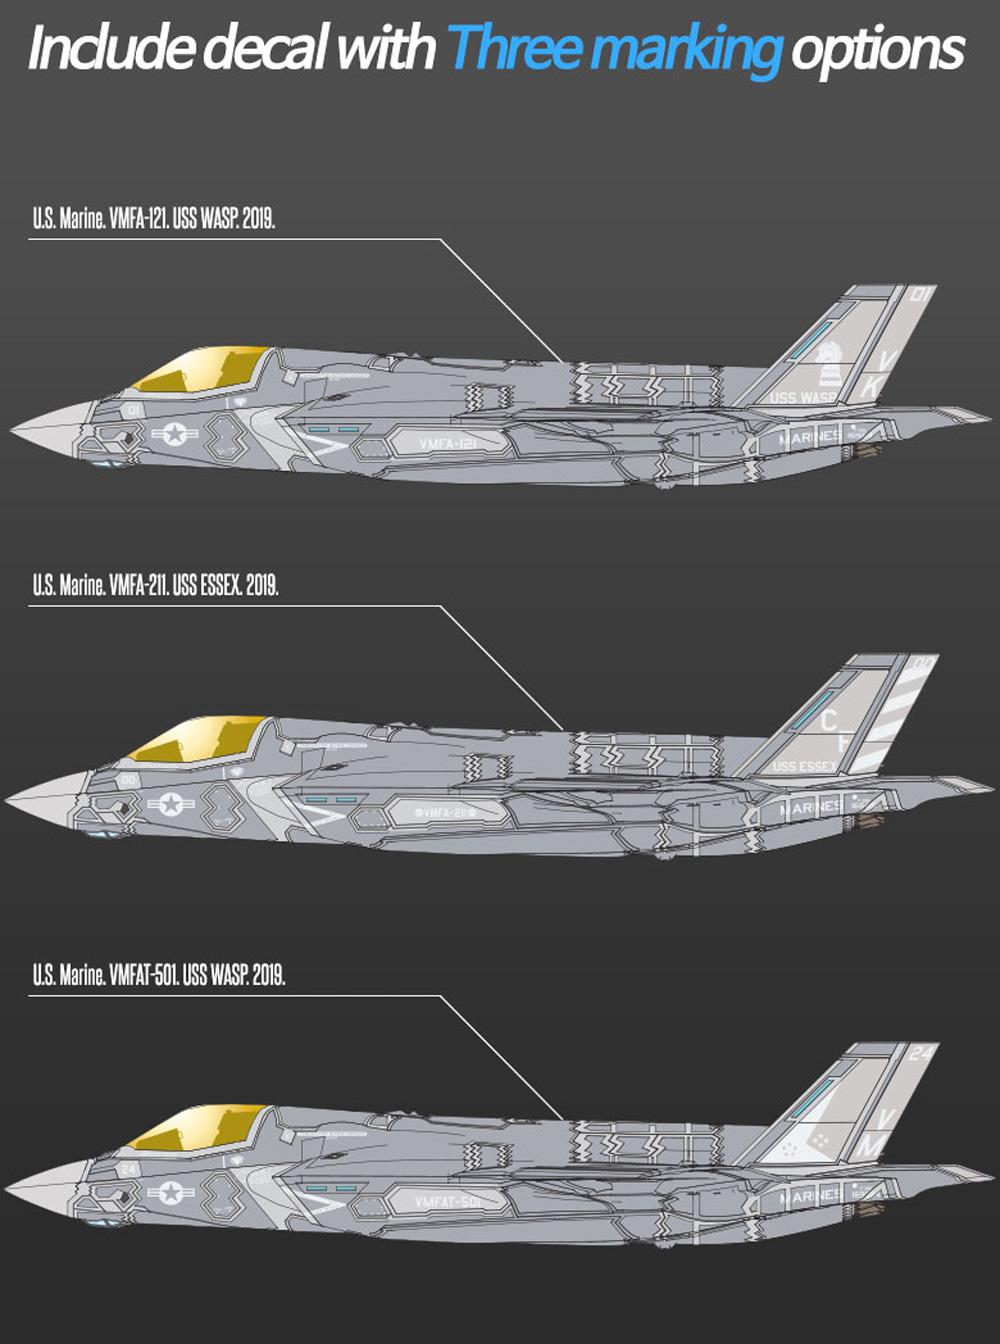 アメリカ海兵隊 F-35B ライトニング 2 VMFA-121 グリーンナイツプラモデル(アカデミー1/72 Scale AircraftsNo.12569)商品画像_1